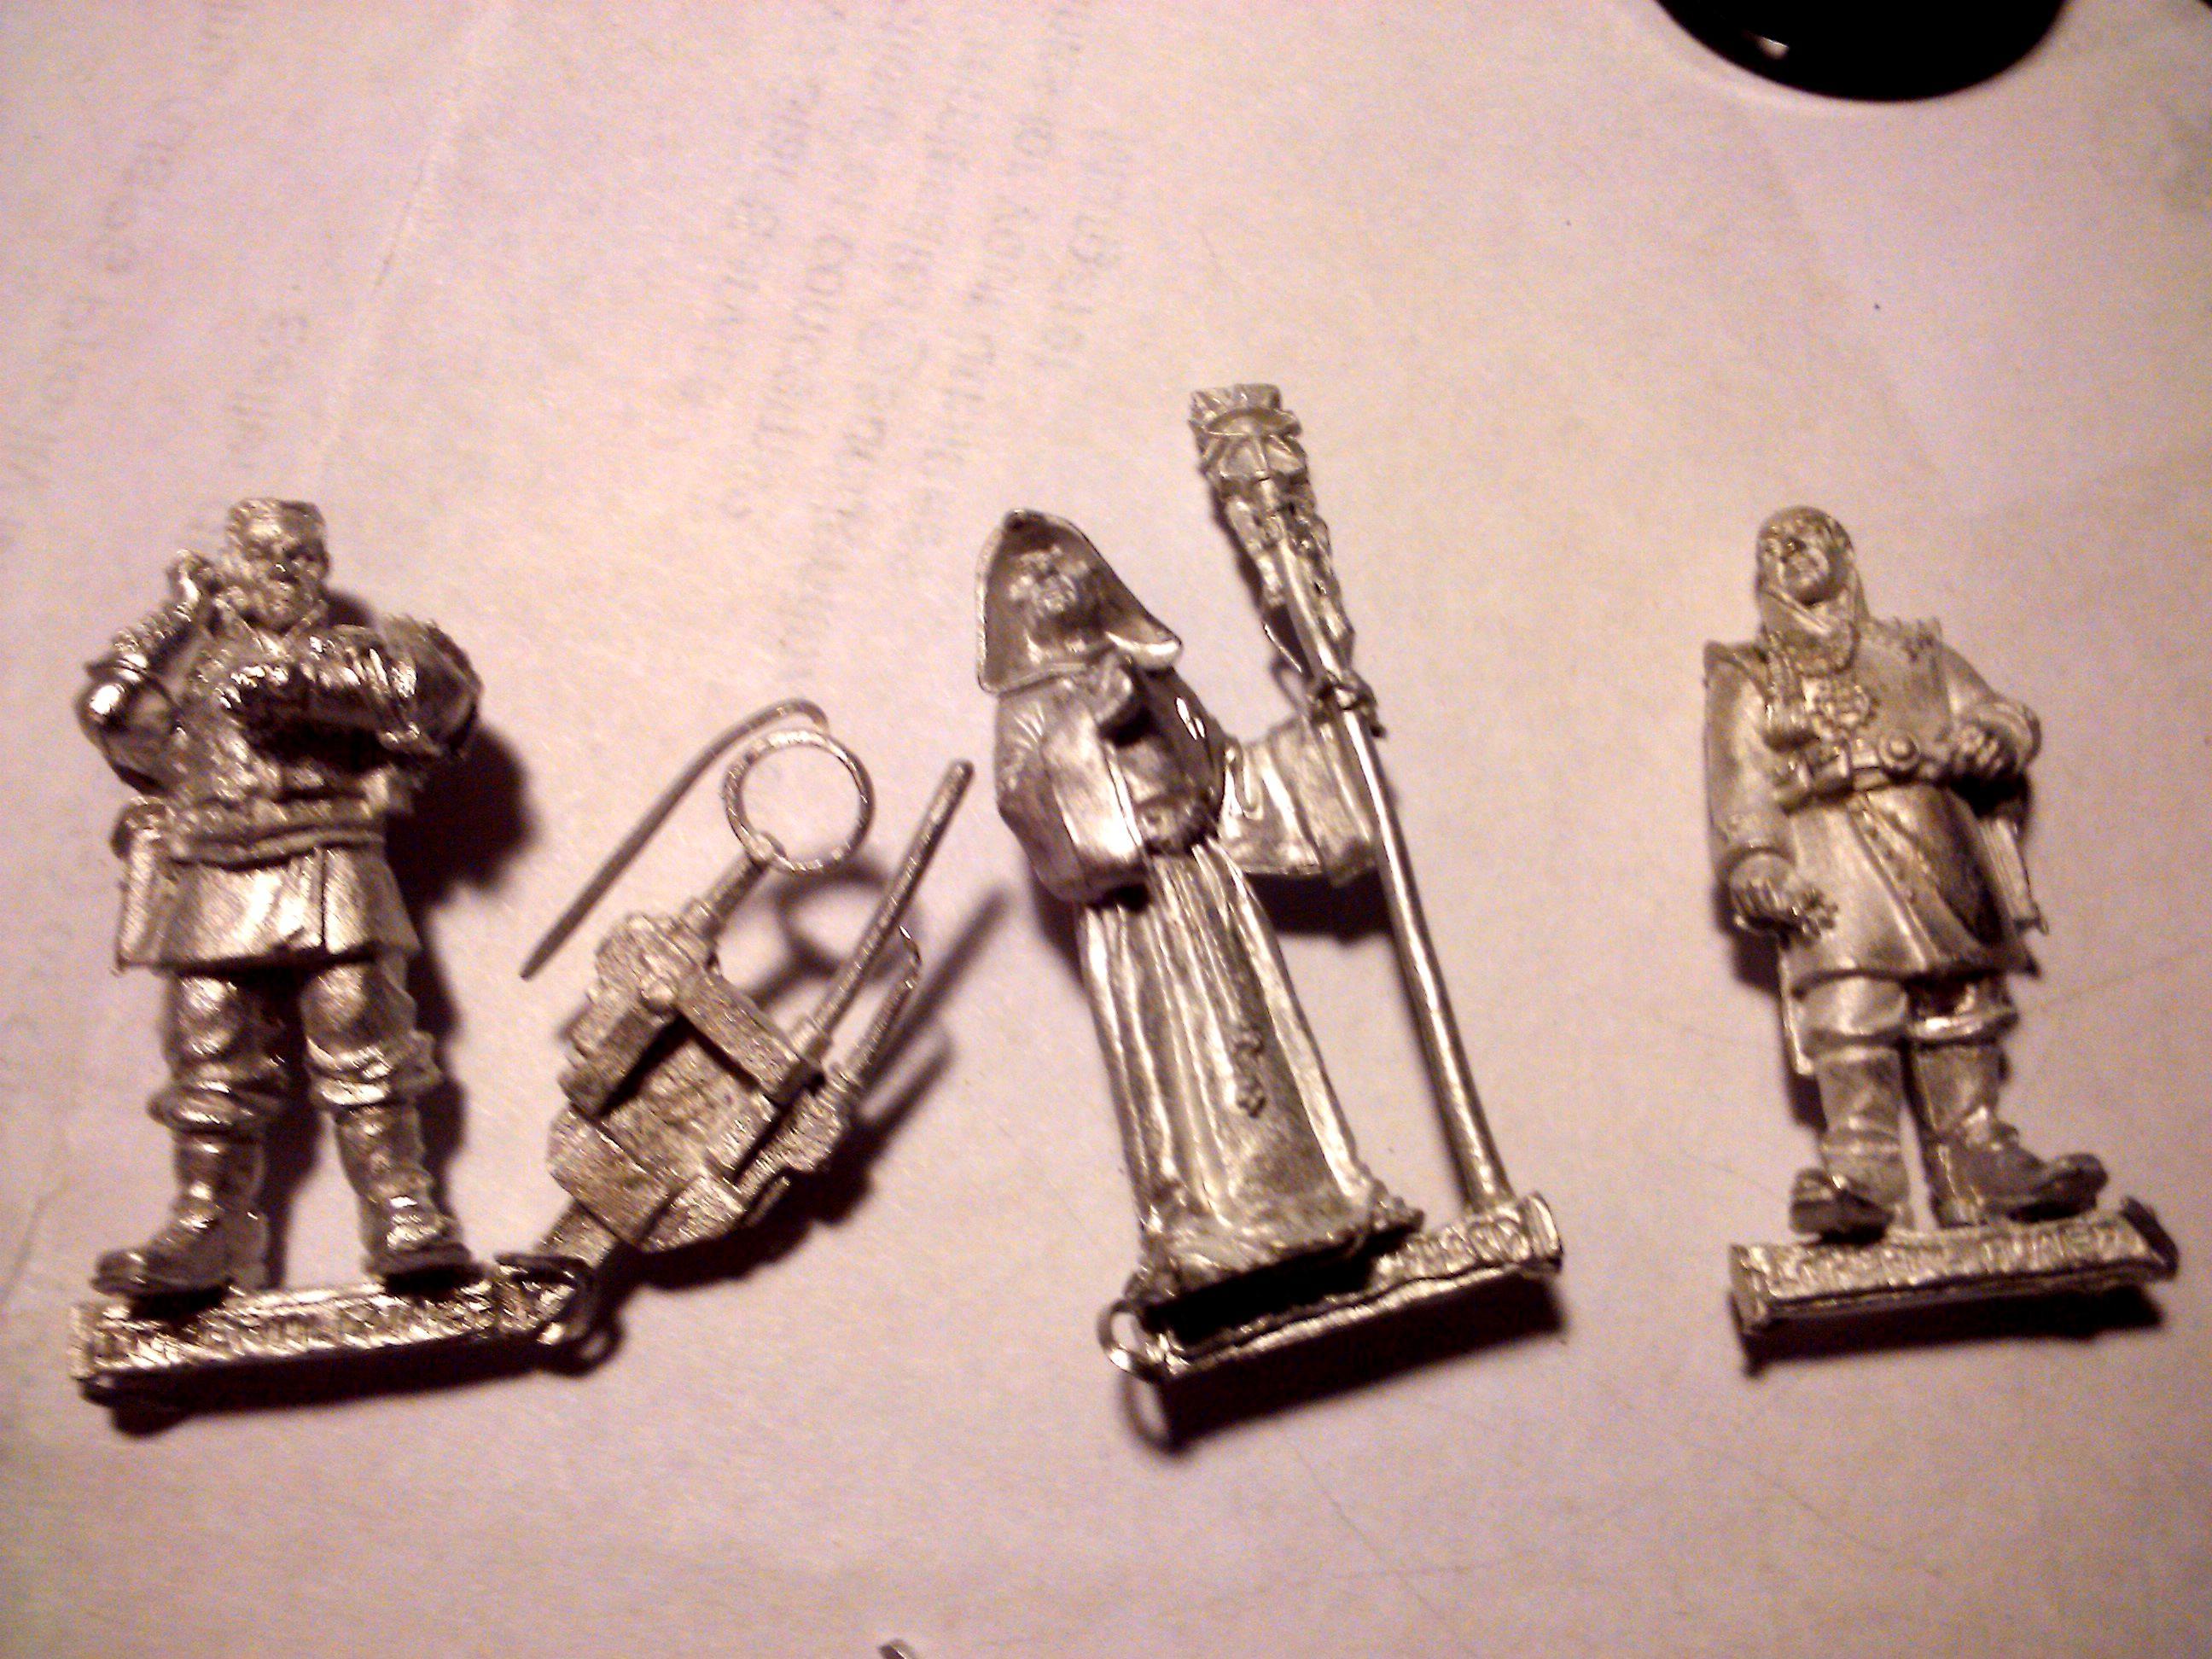 Advisors, Astropath, Conversion, Fleet Officer, Imperial Guard, Mordian Iron Guard, Paint Scheme, Psyker, Warhammer 40,000